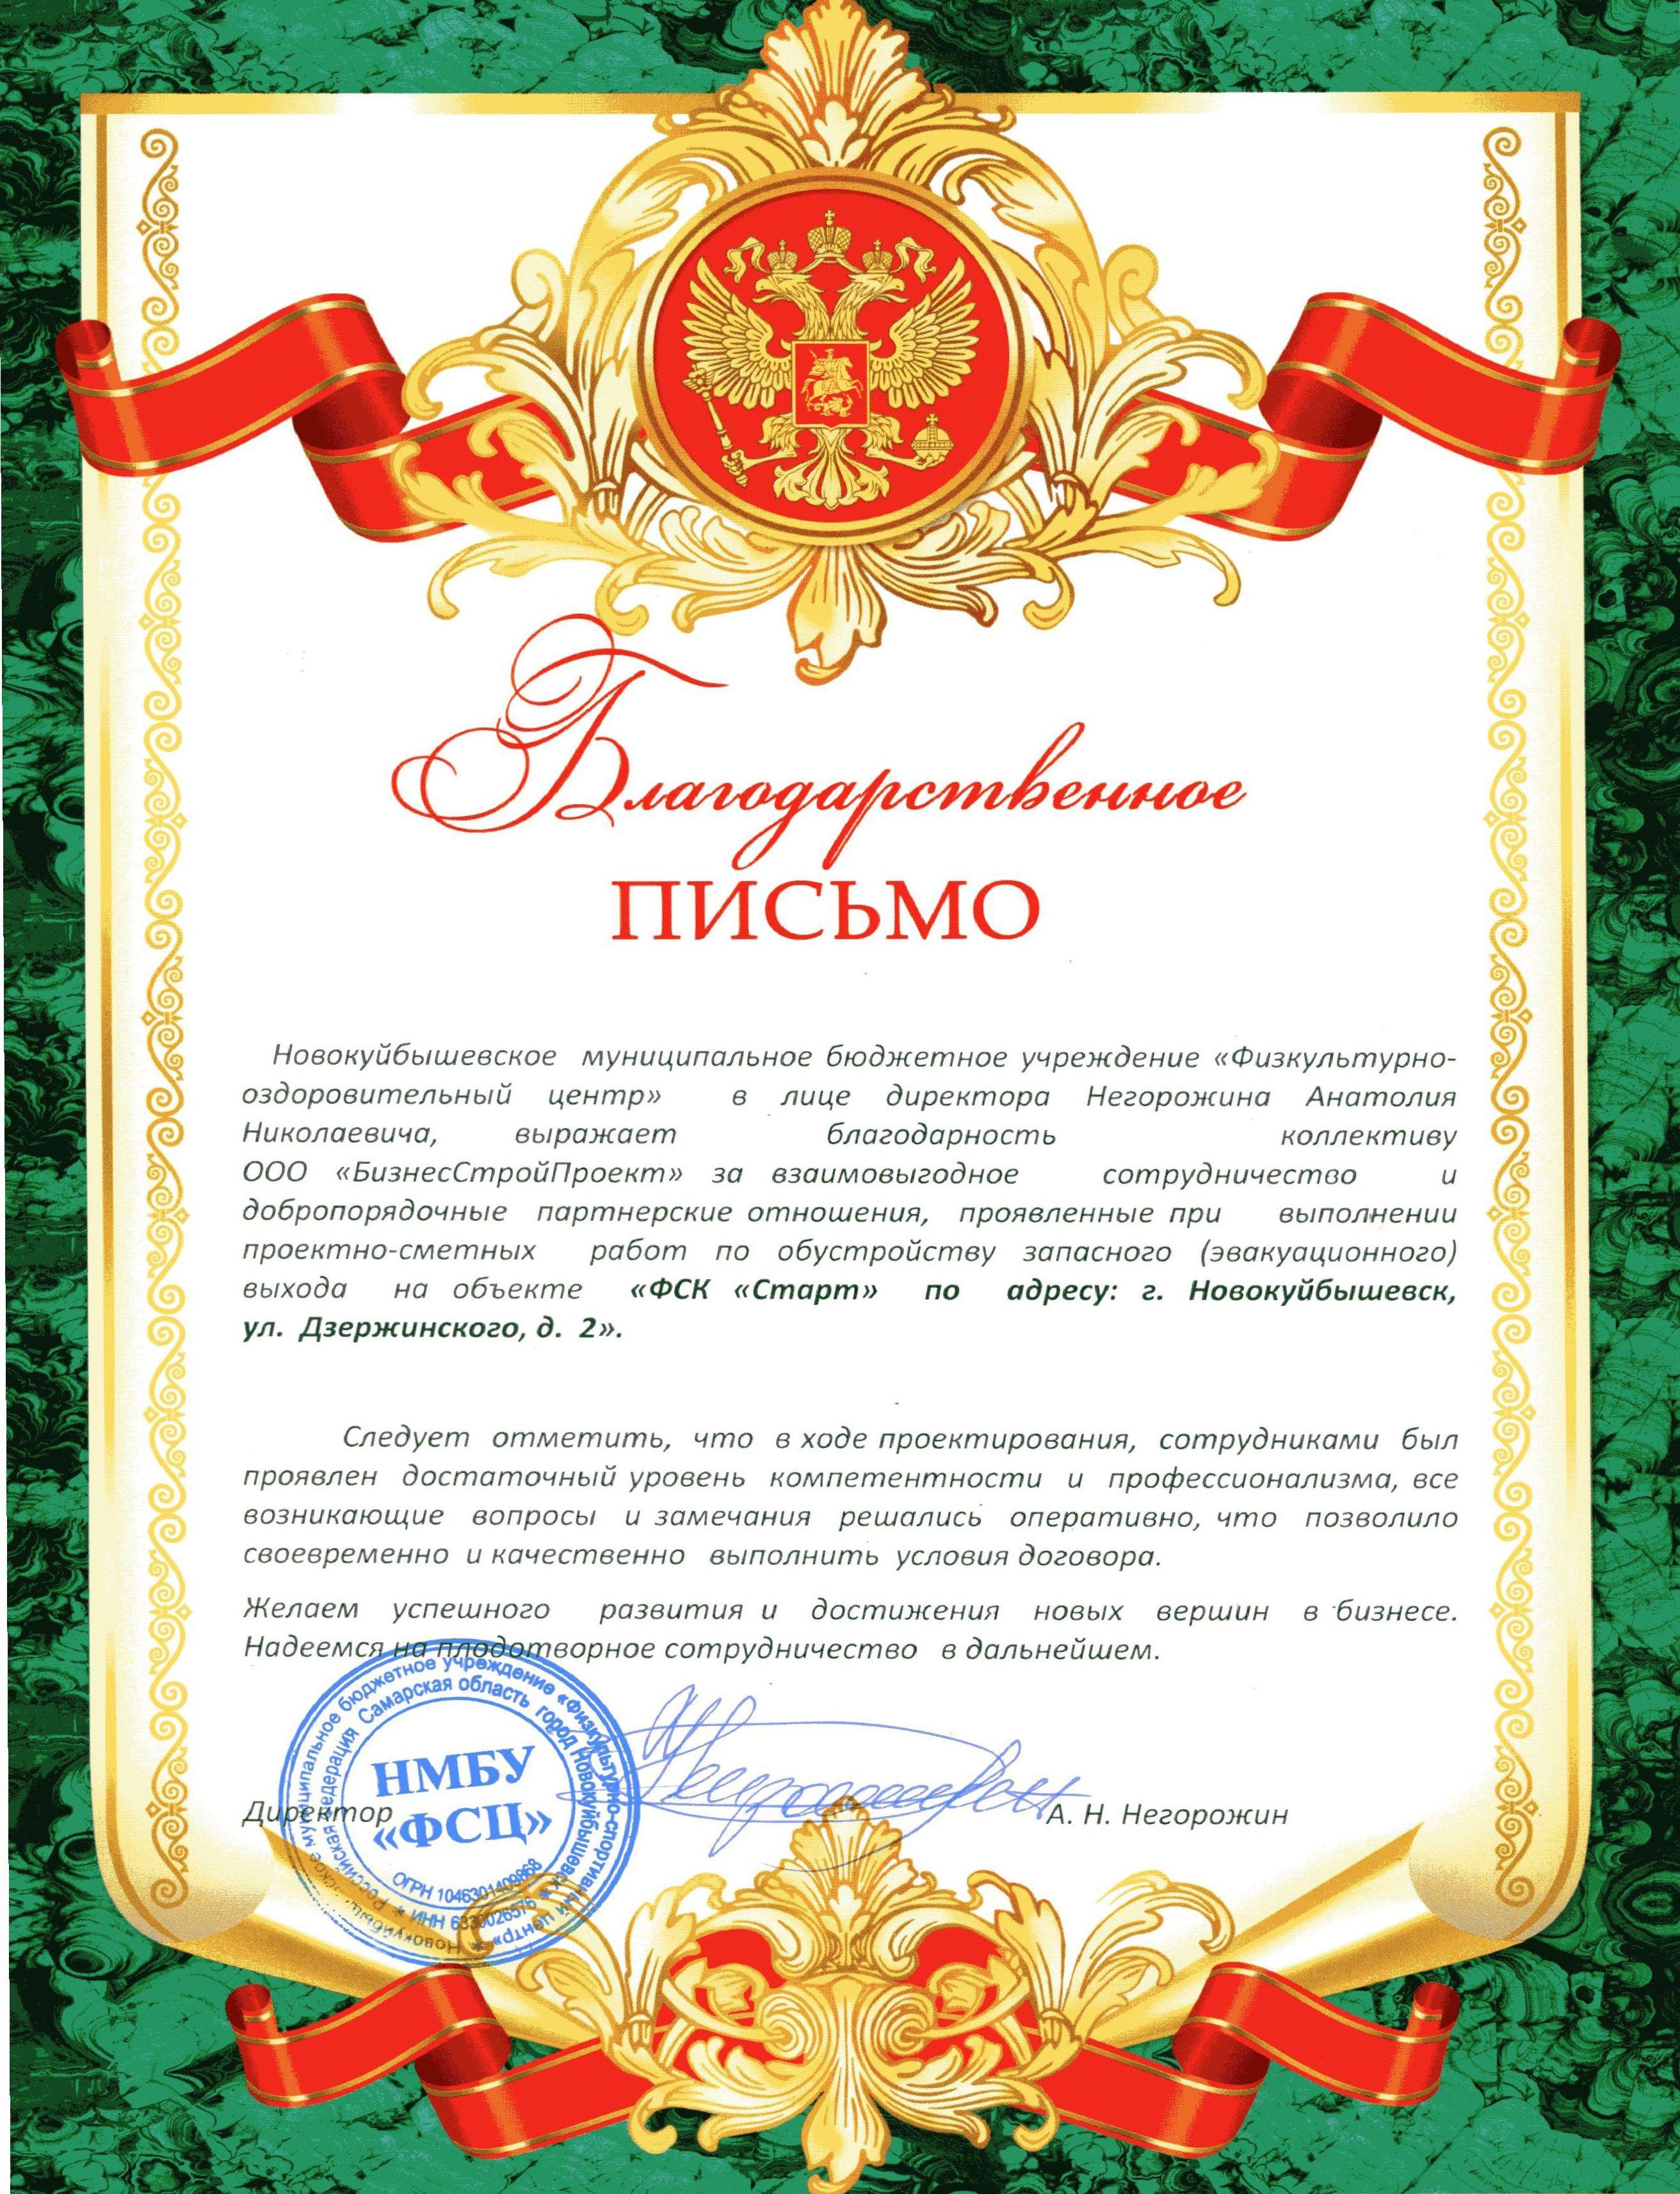 ФОК ФСК Старт